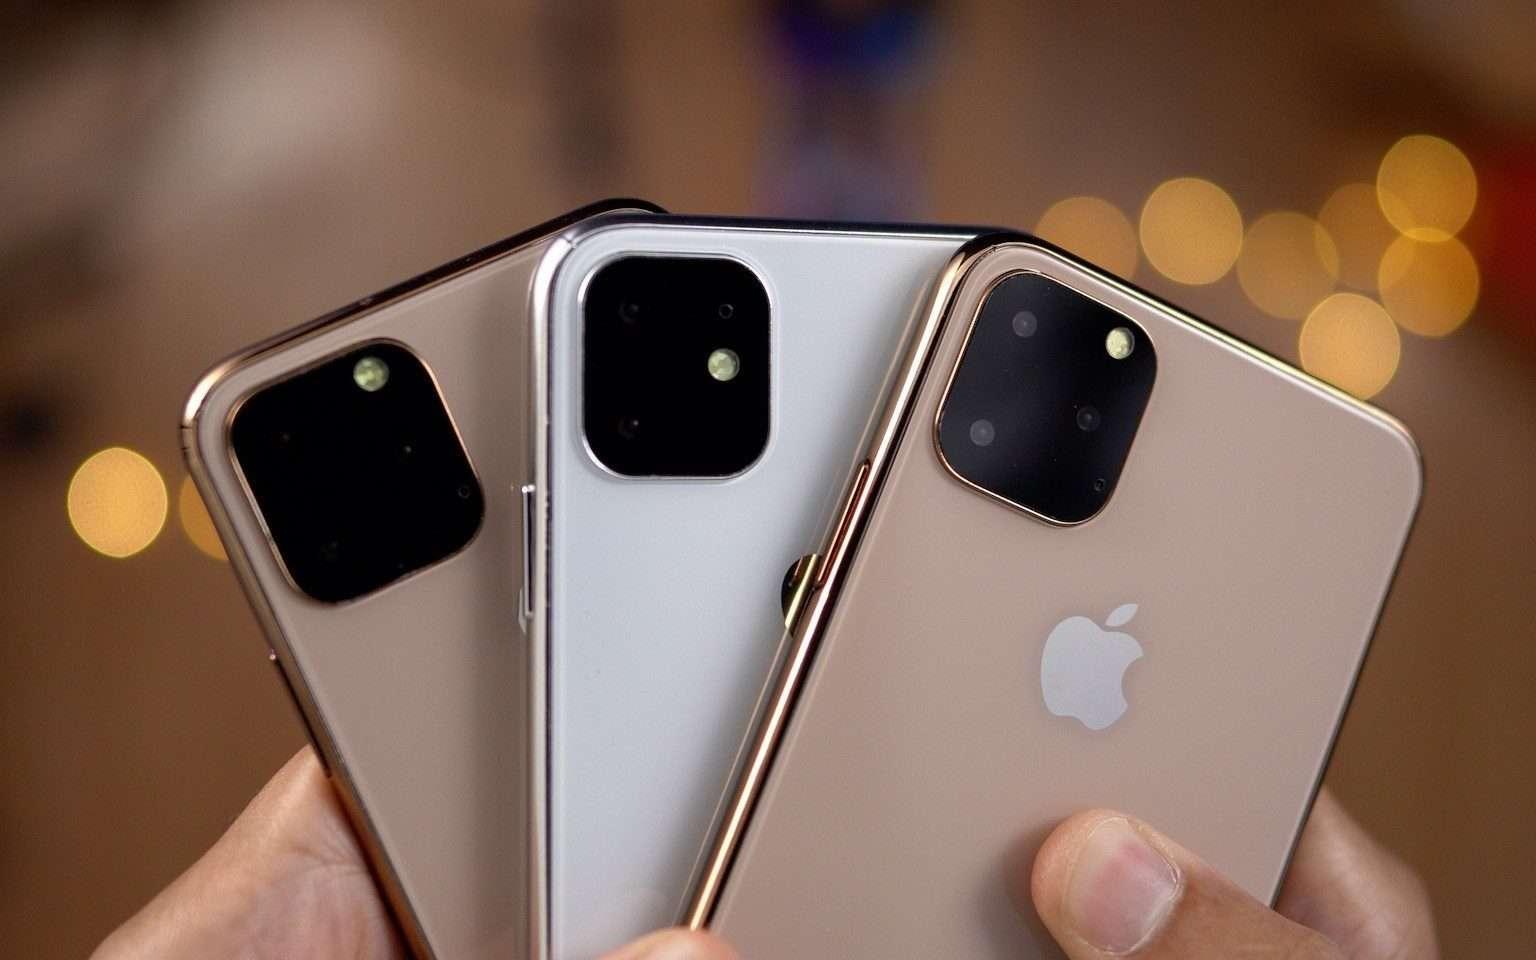 iPhone 11 : les trois modèles seraient commercialisés à la même date